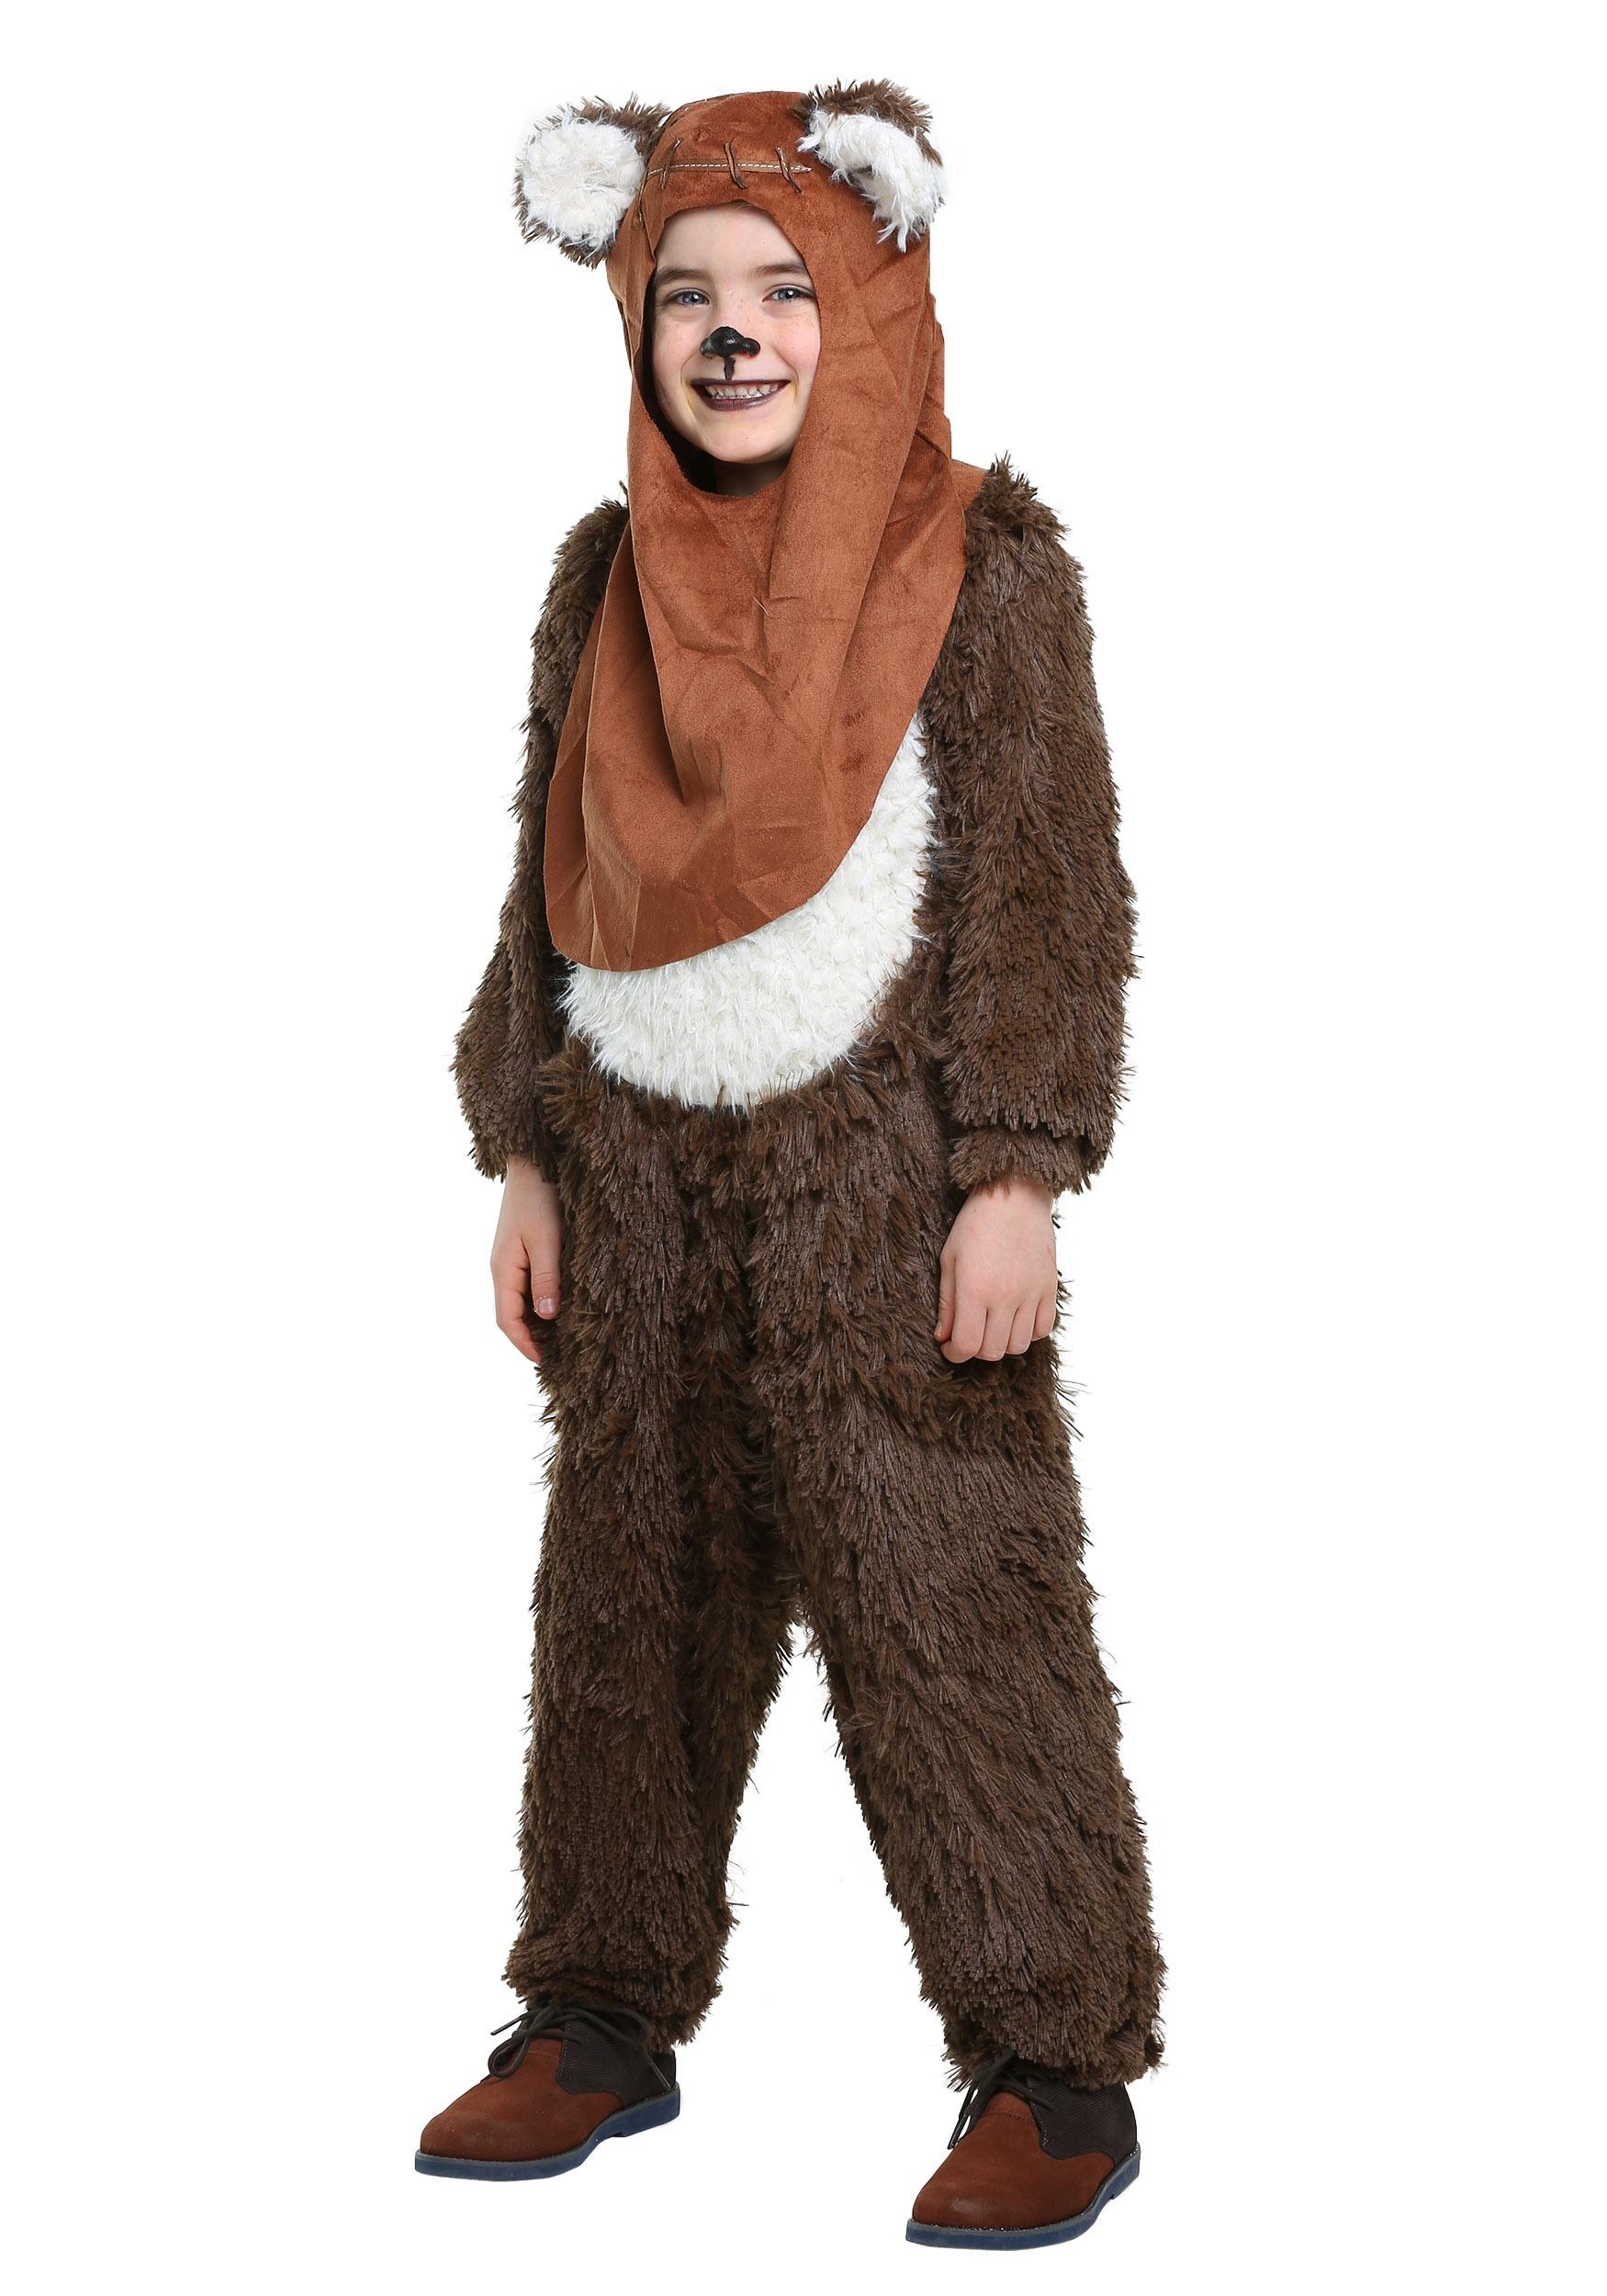 Deluxe Wicket/Ewok Costume for Kids   Warm Halloween Costume